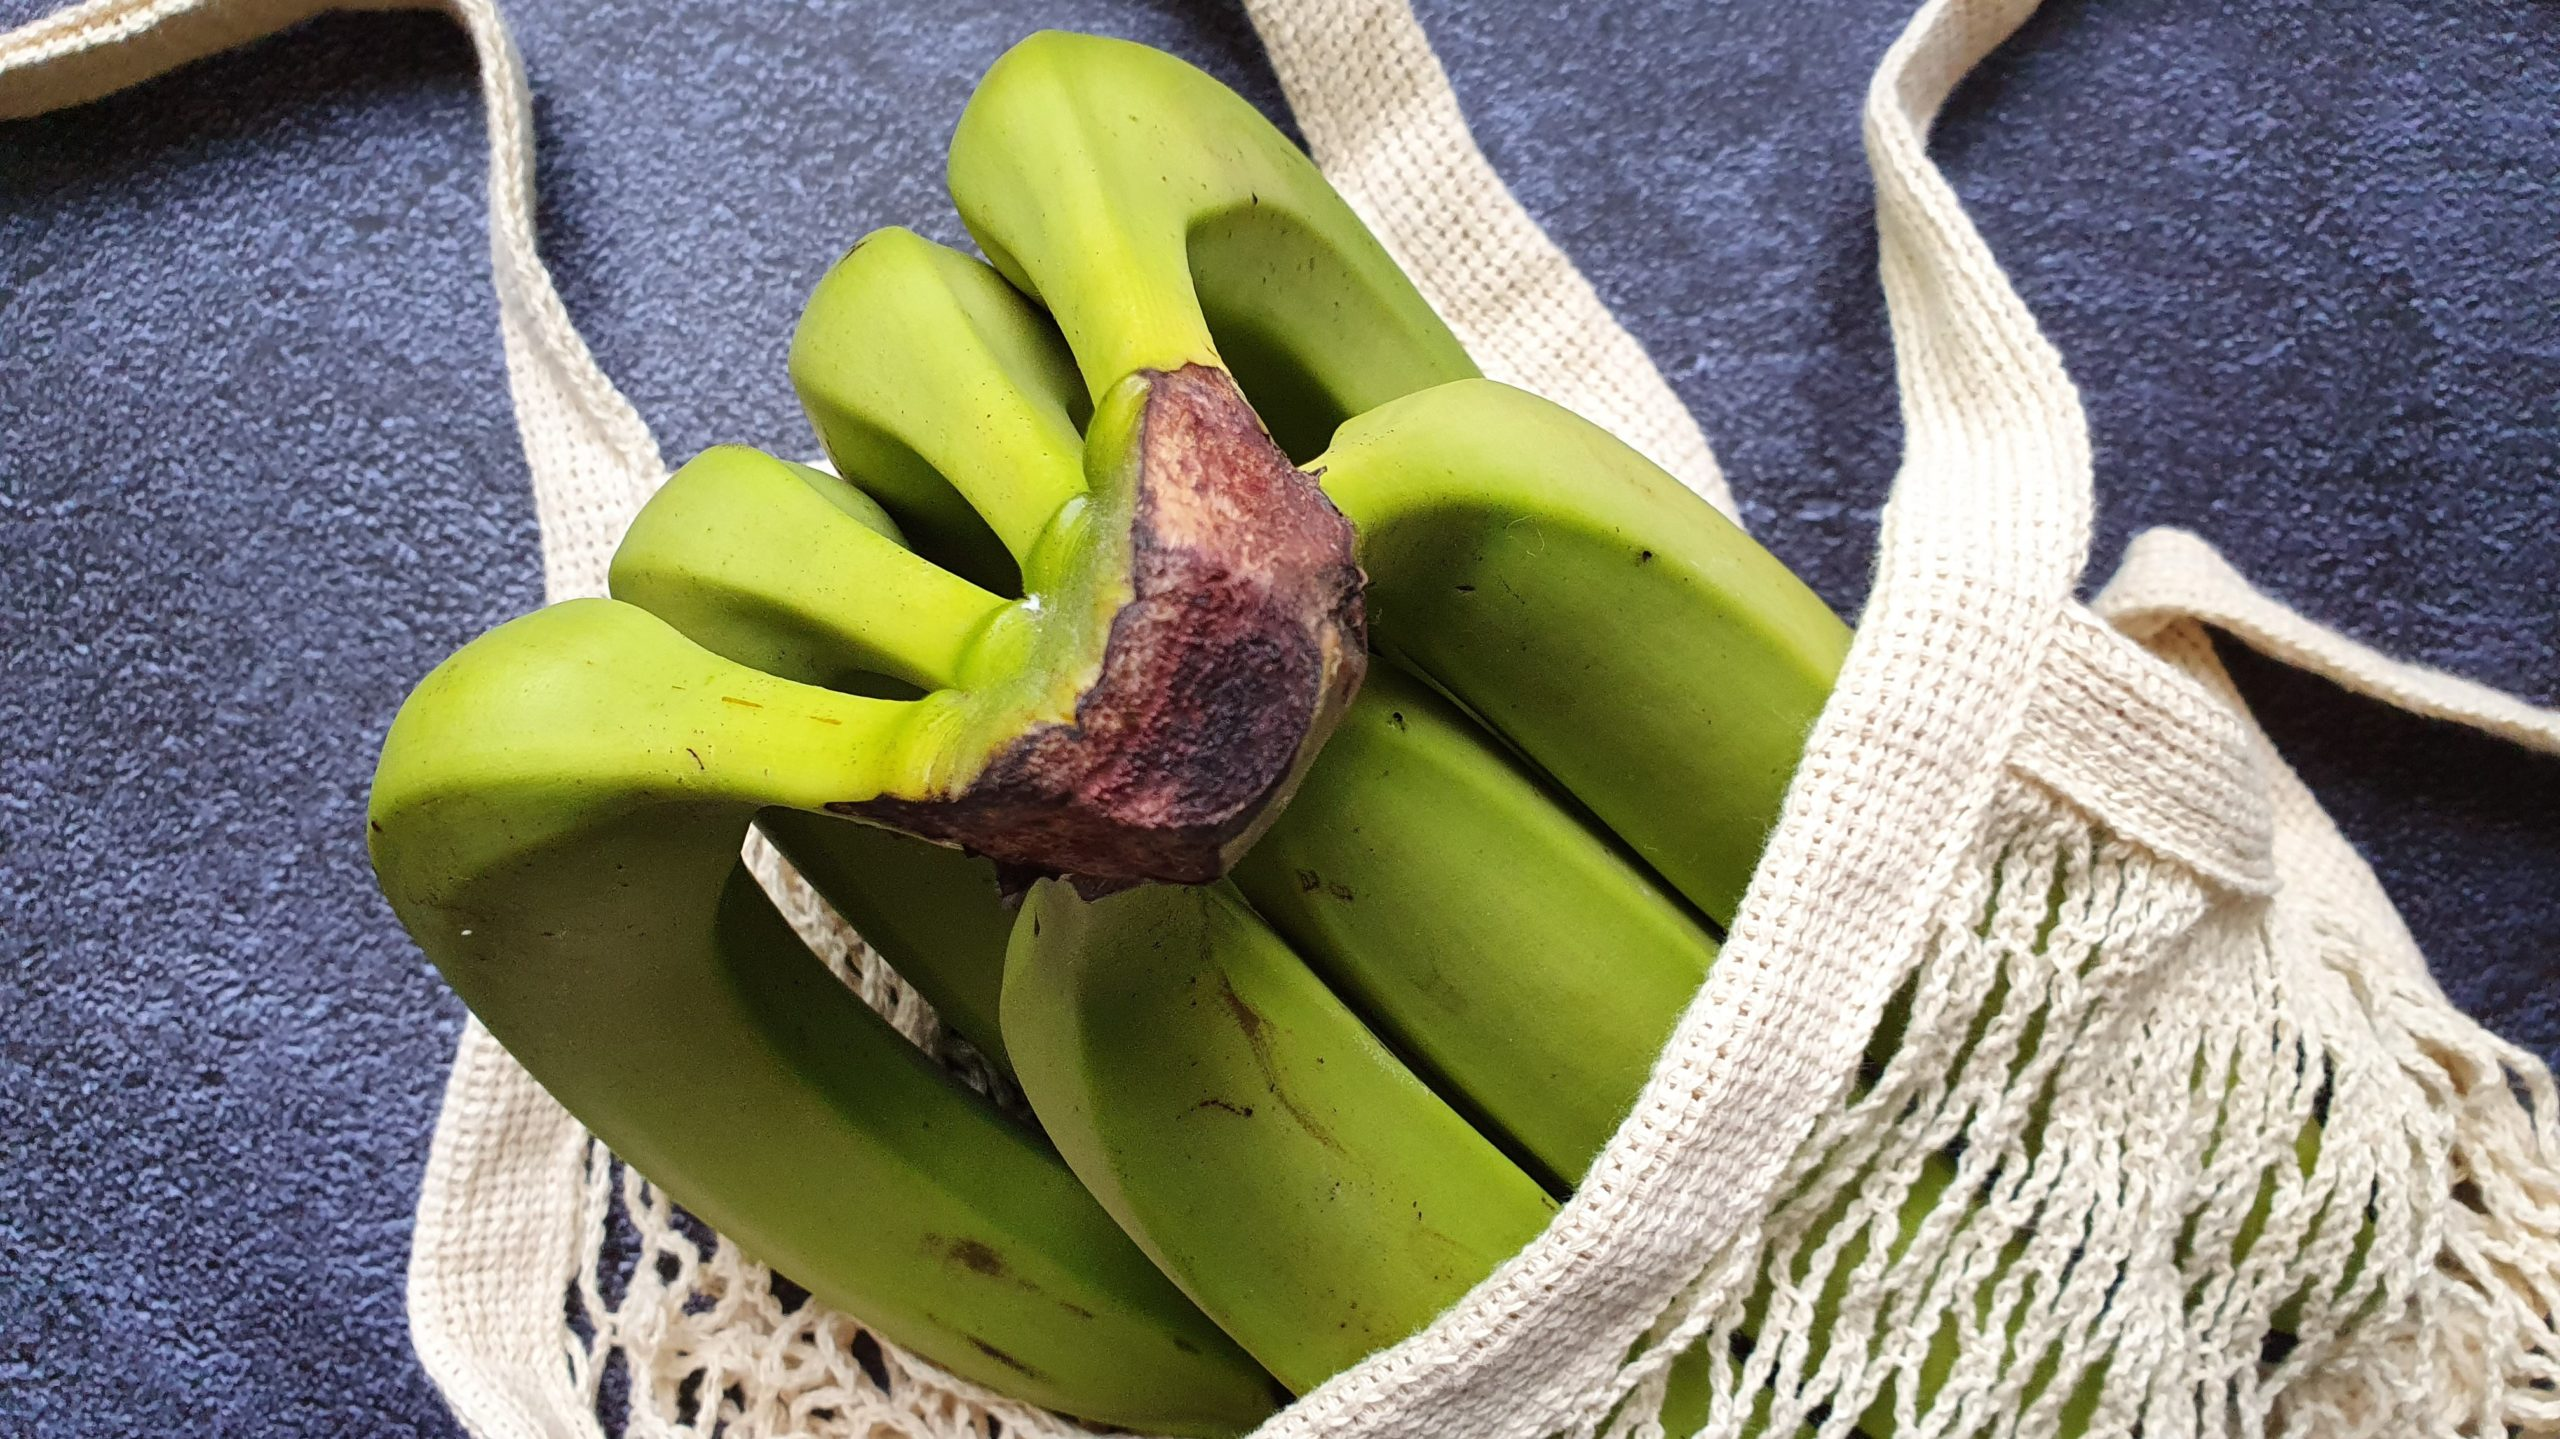 Kochexperimente: Kochen mit grünen Bananen [Anzeige]